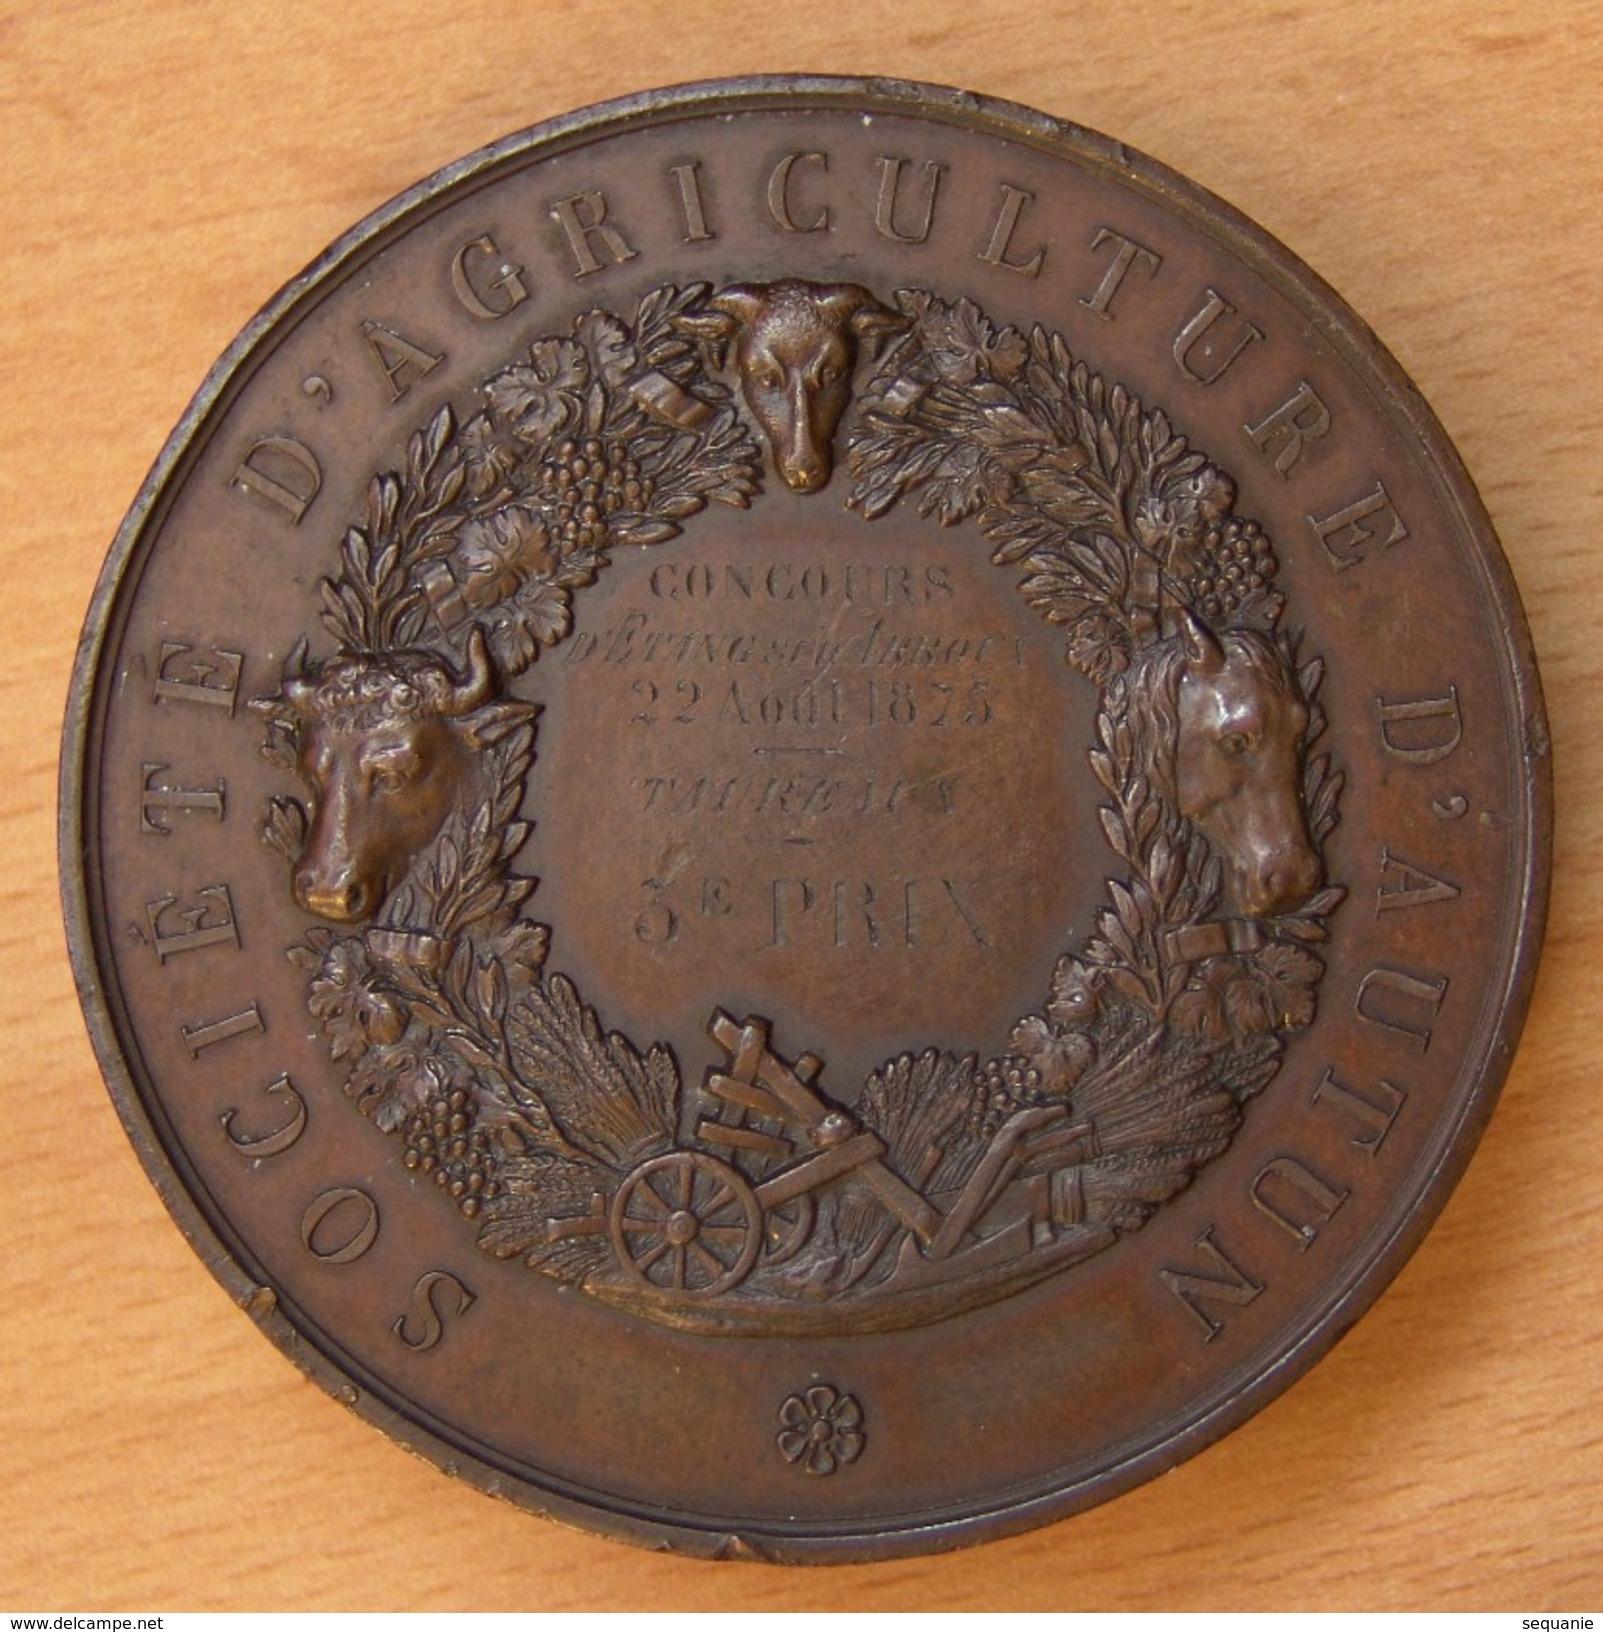 Médaille Société D'Agriculture D' AUTUN Concours D'Étang Sur Arroux 1875 - Professionnels / De Société